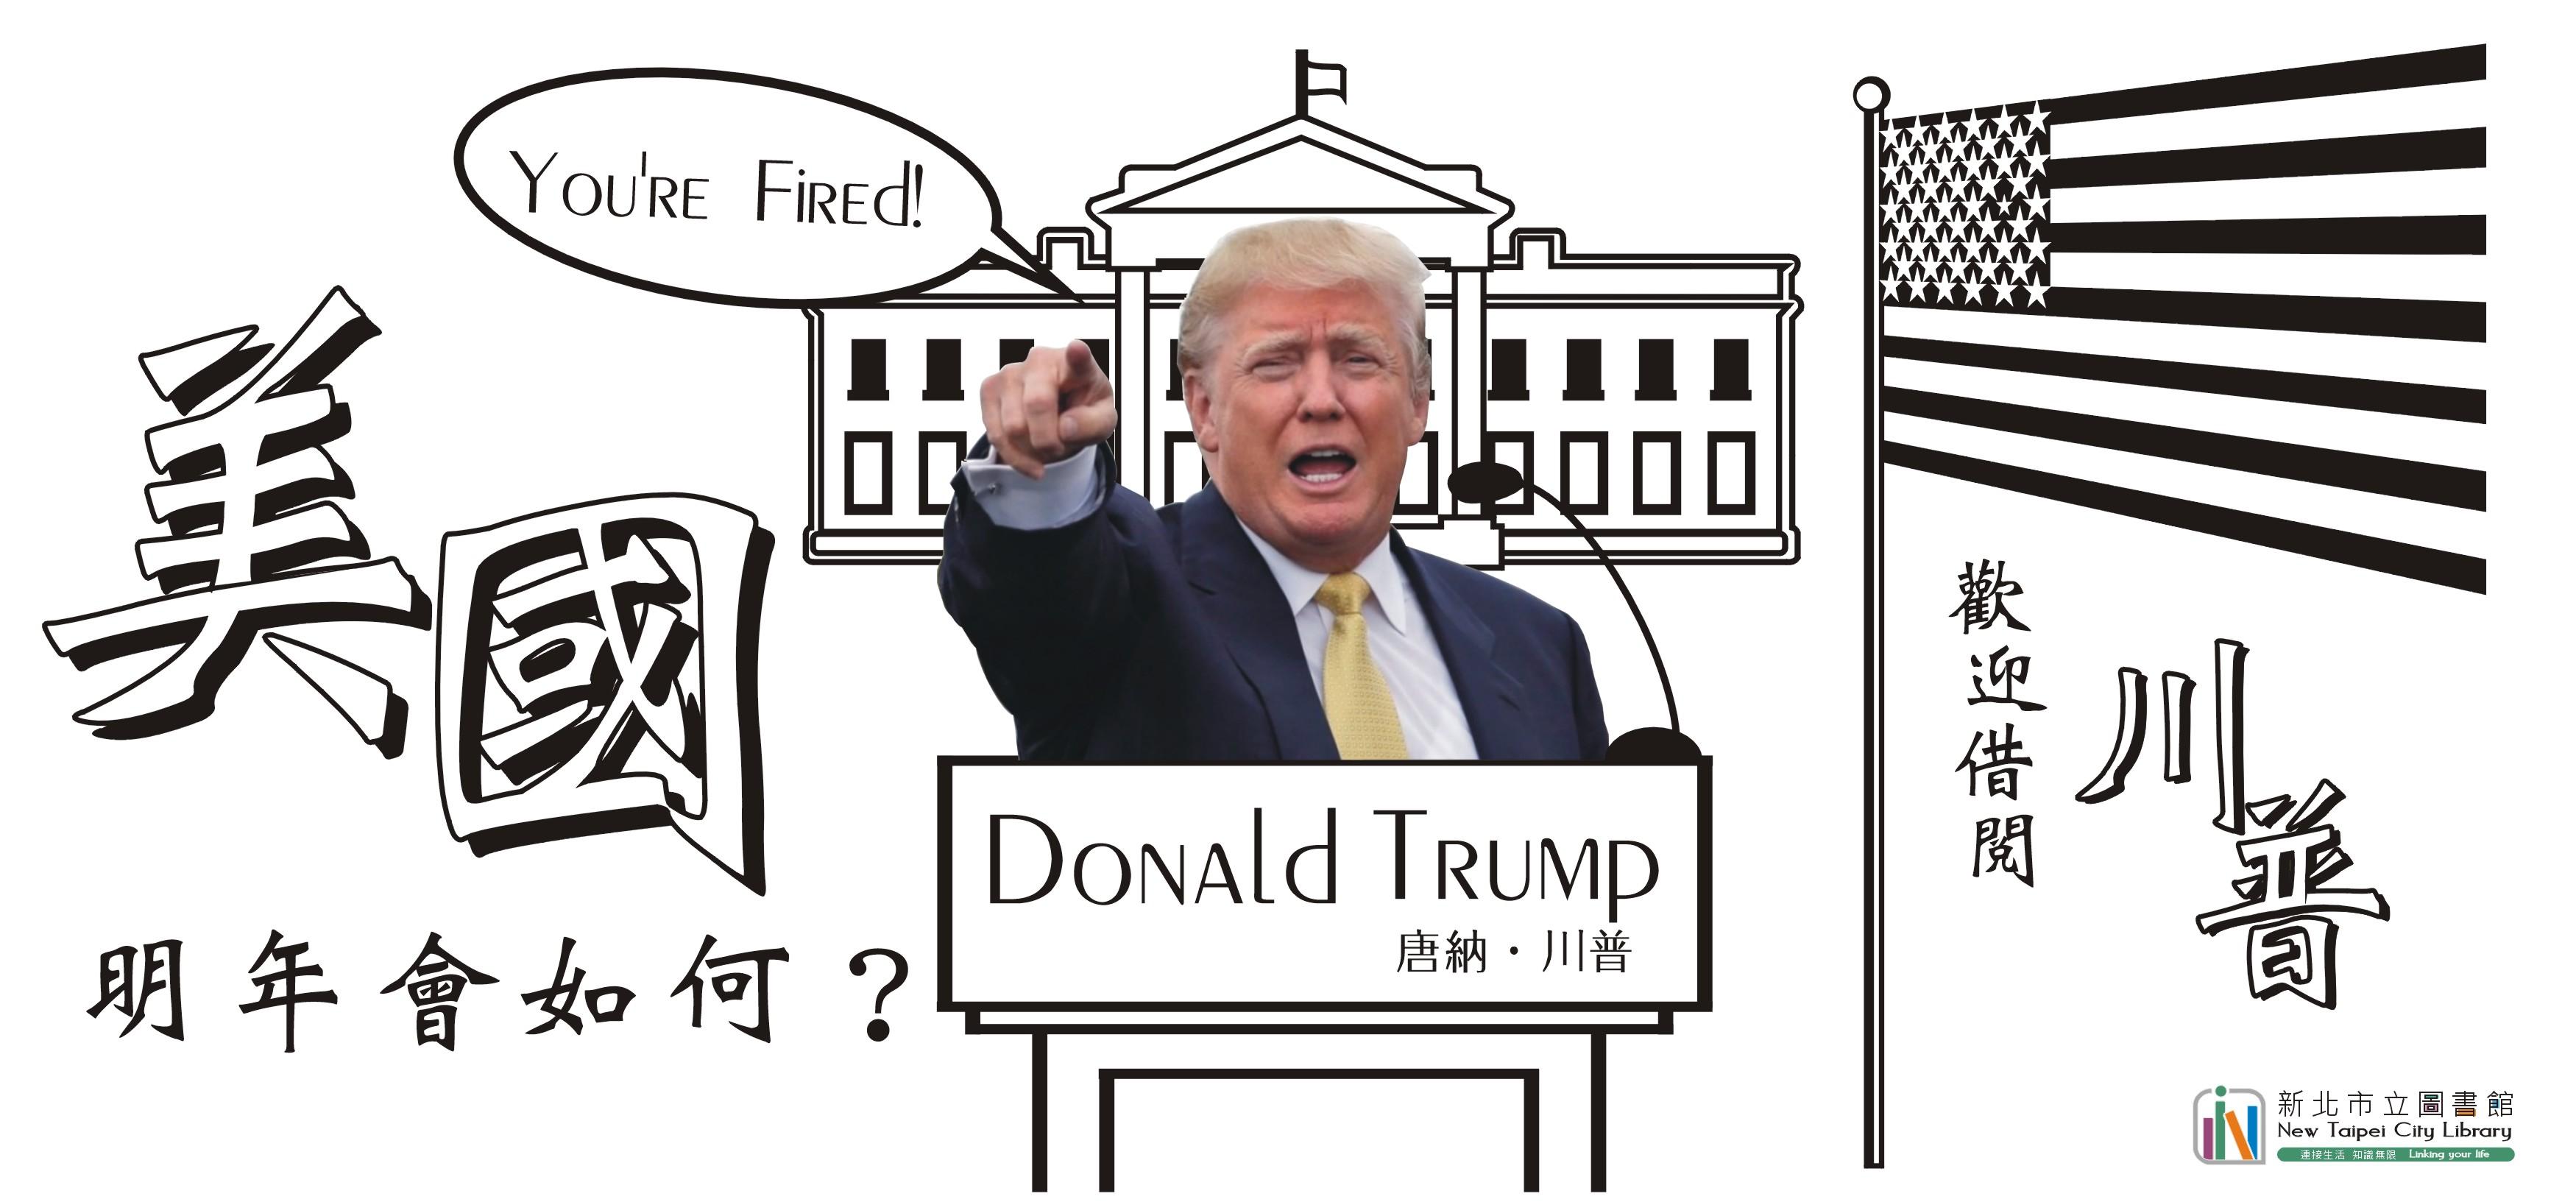 美國明年會如何?歡迎借閱川普